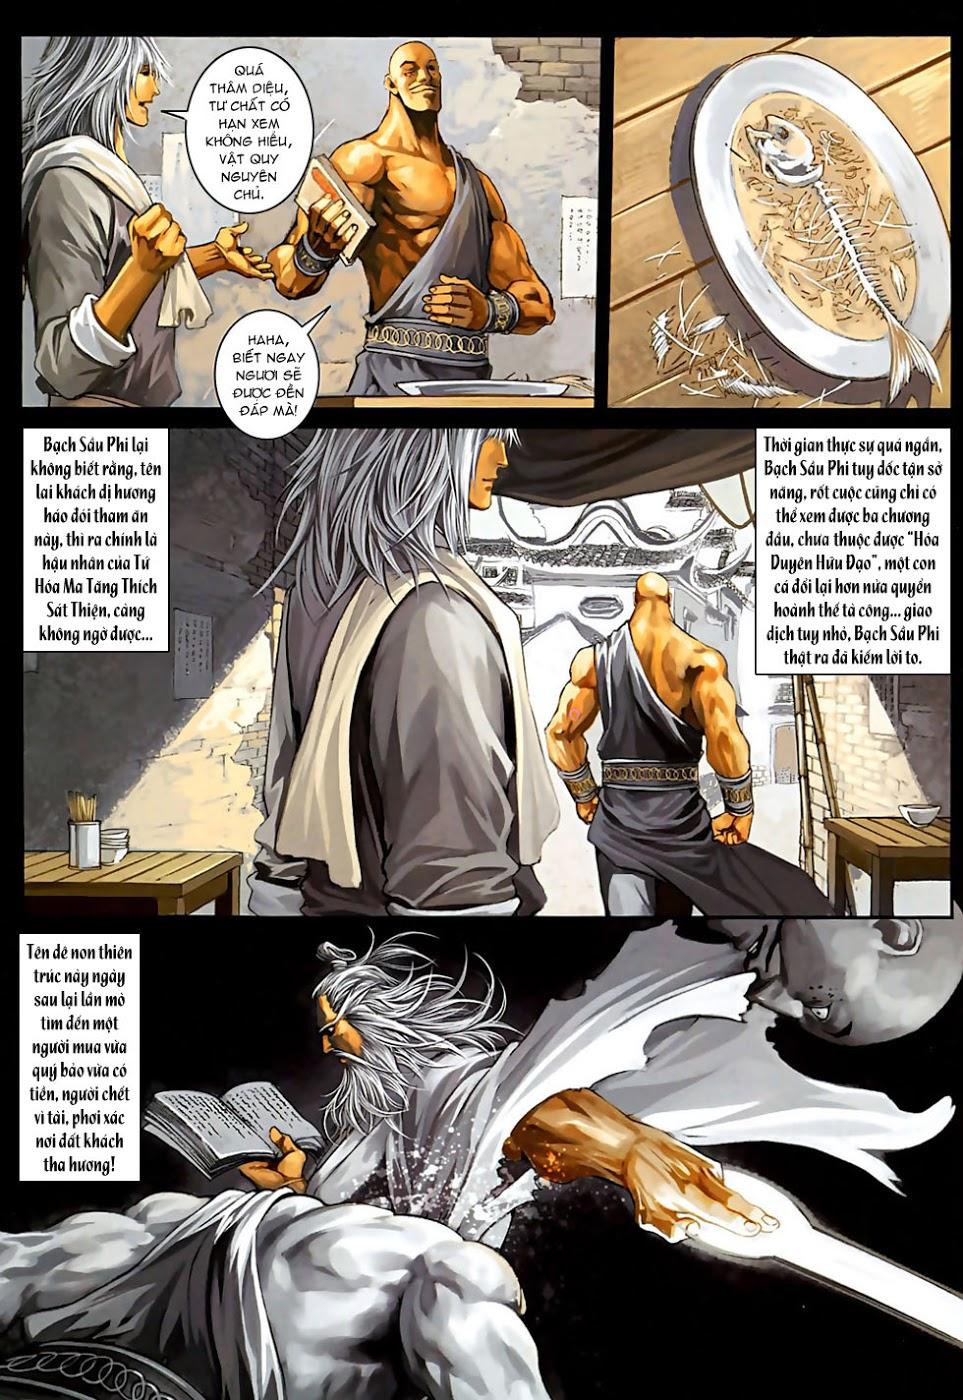 Ôn Thuỵ An Quần Hiệp Truyện Phần 2 chapter 30 trang 9